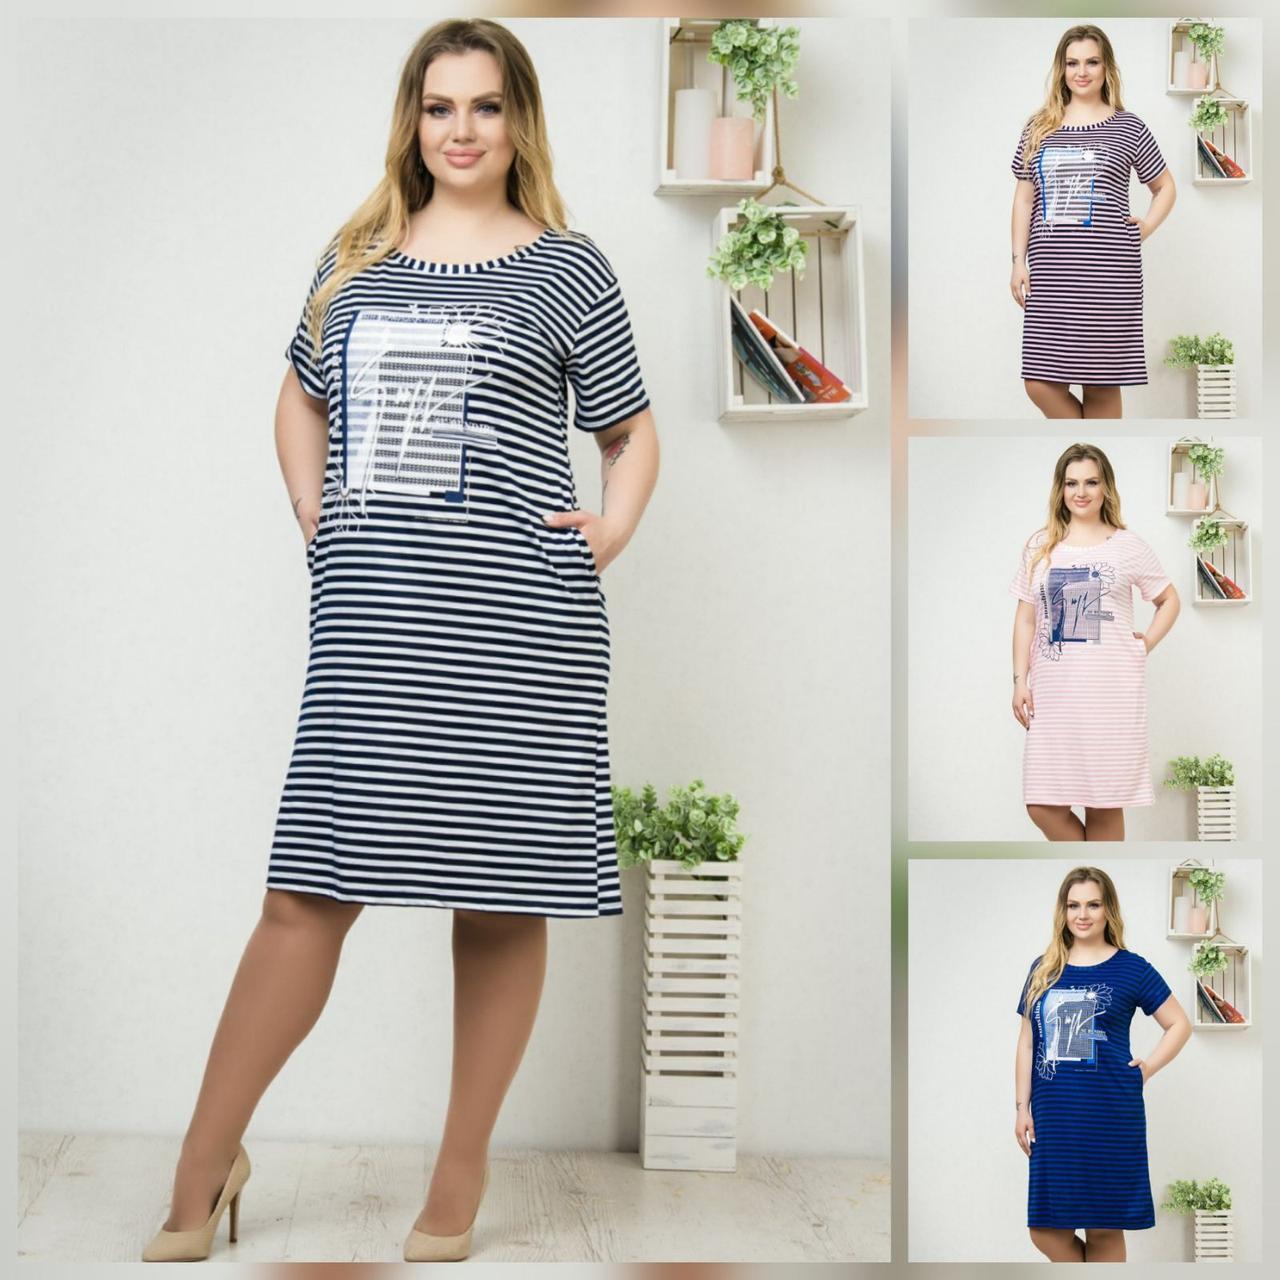 Модні жіночі сукні оптом